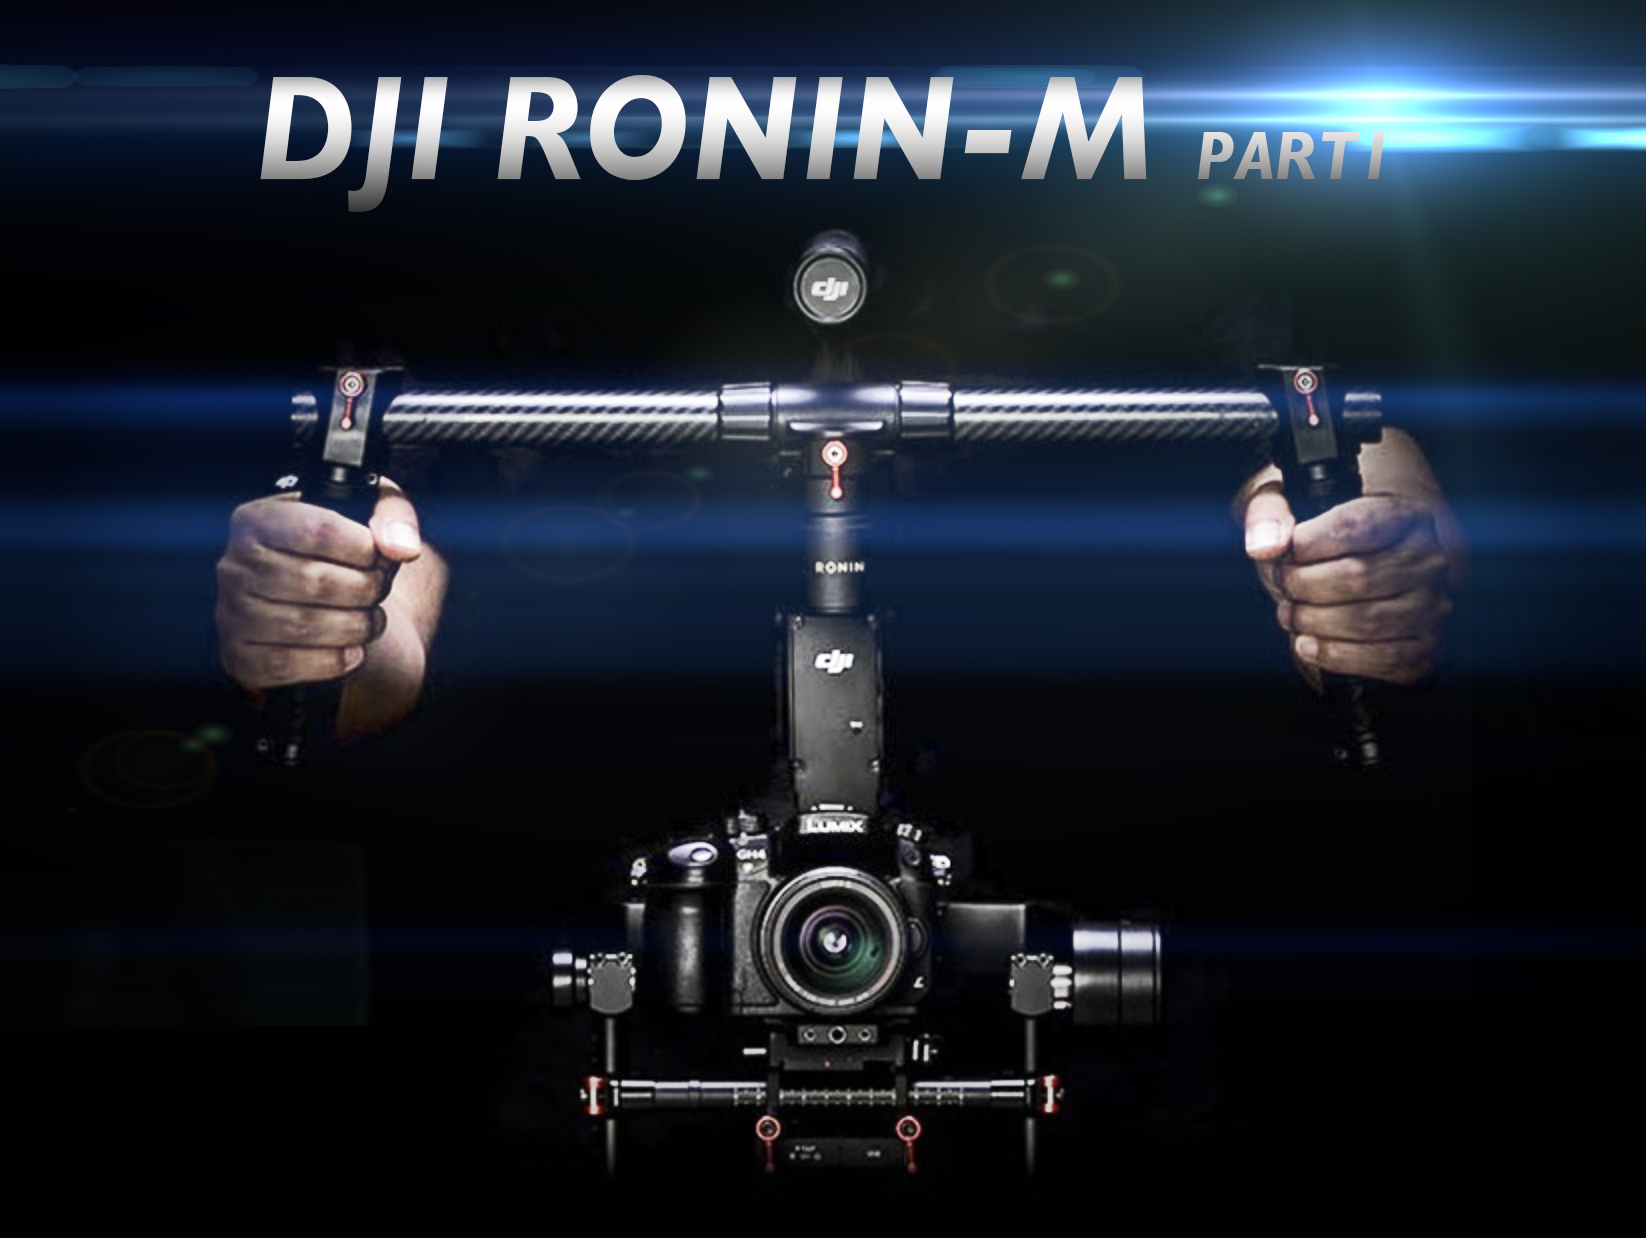 DJI RONIN-M 導入へ